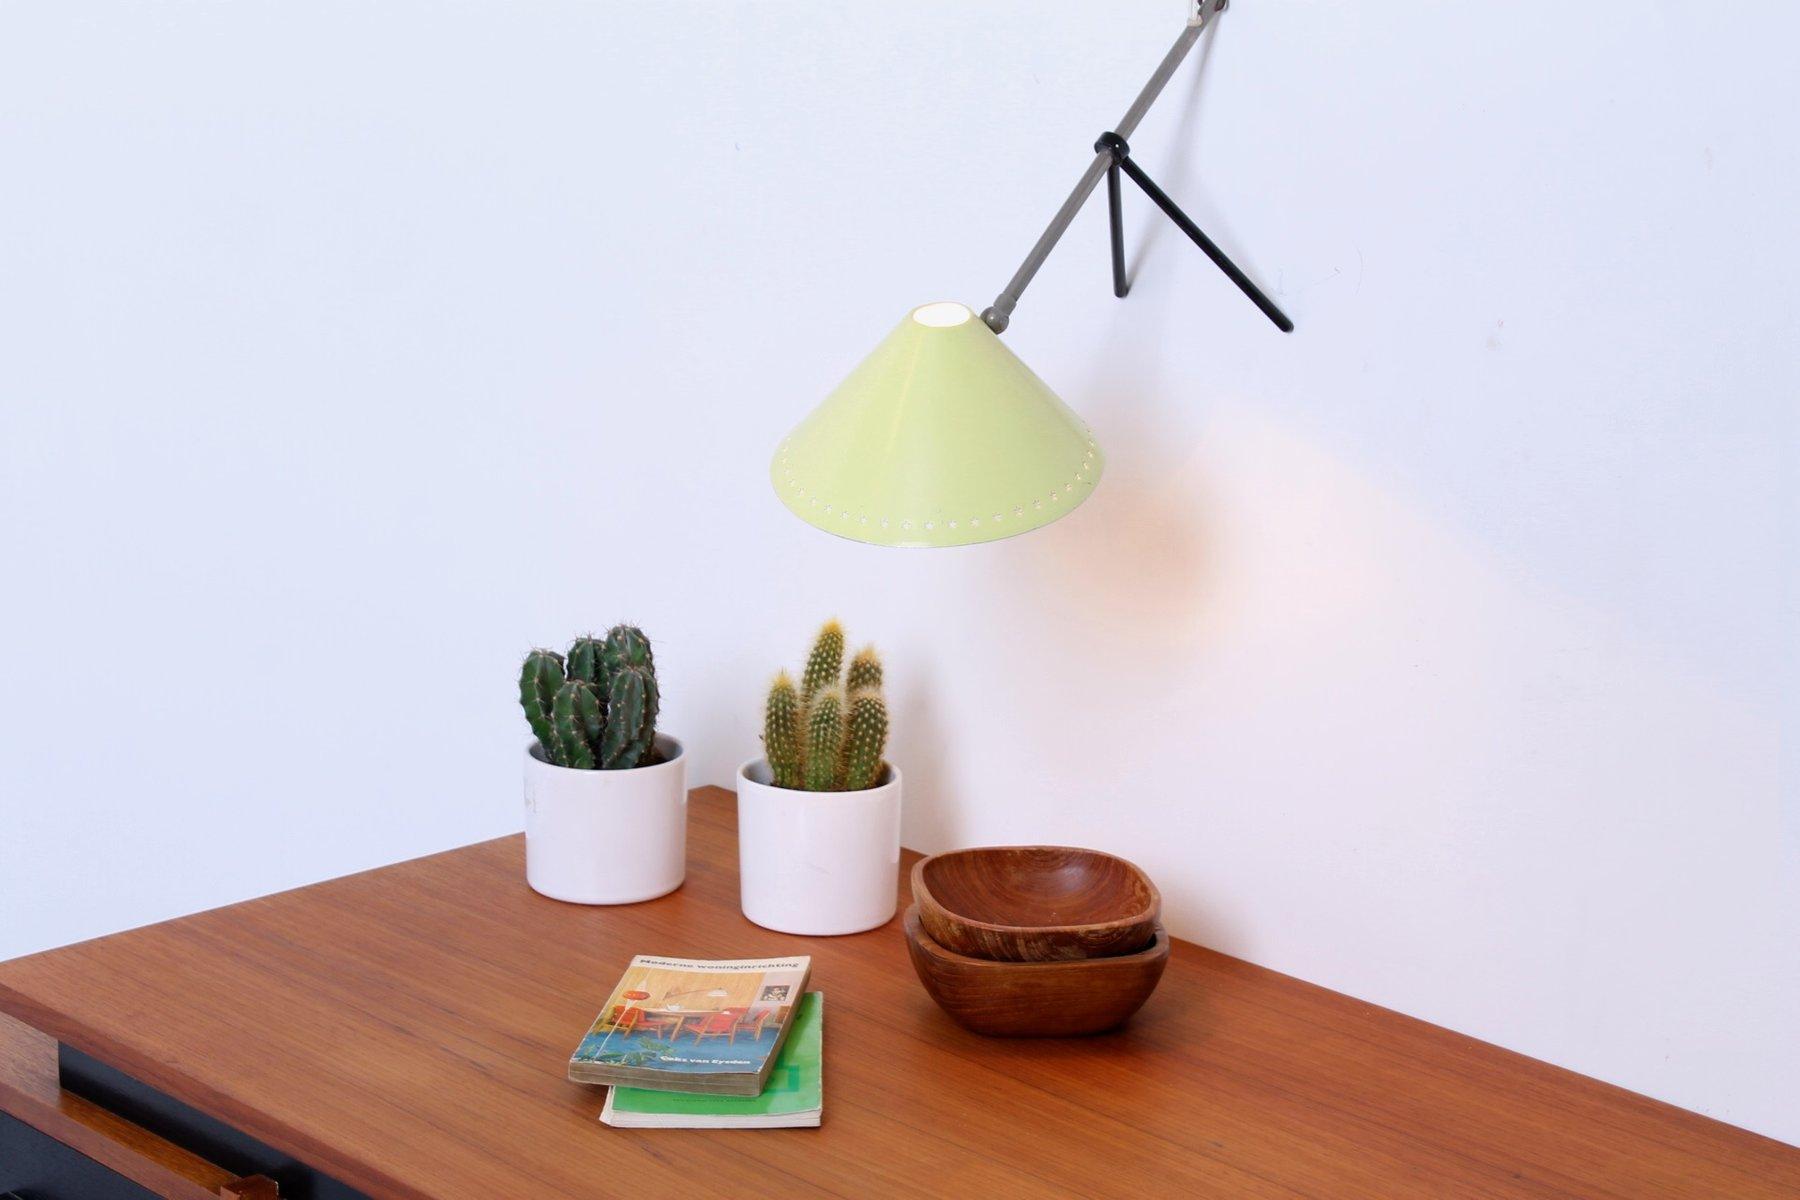 gelbe pinocchio tischlampe mit perforiertem schirm von. Black Bedroom Furniture Sets. Home Design Ideas